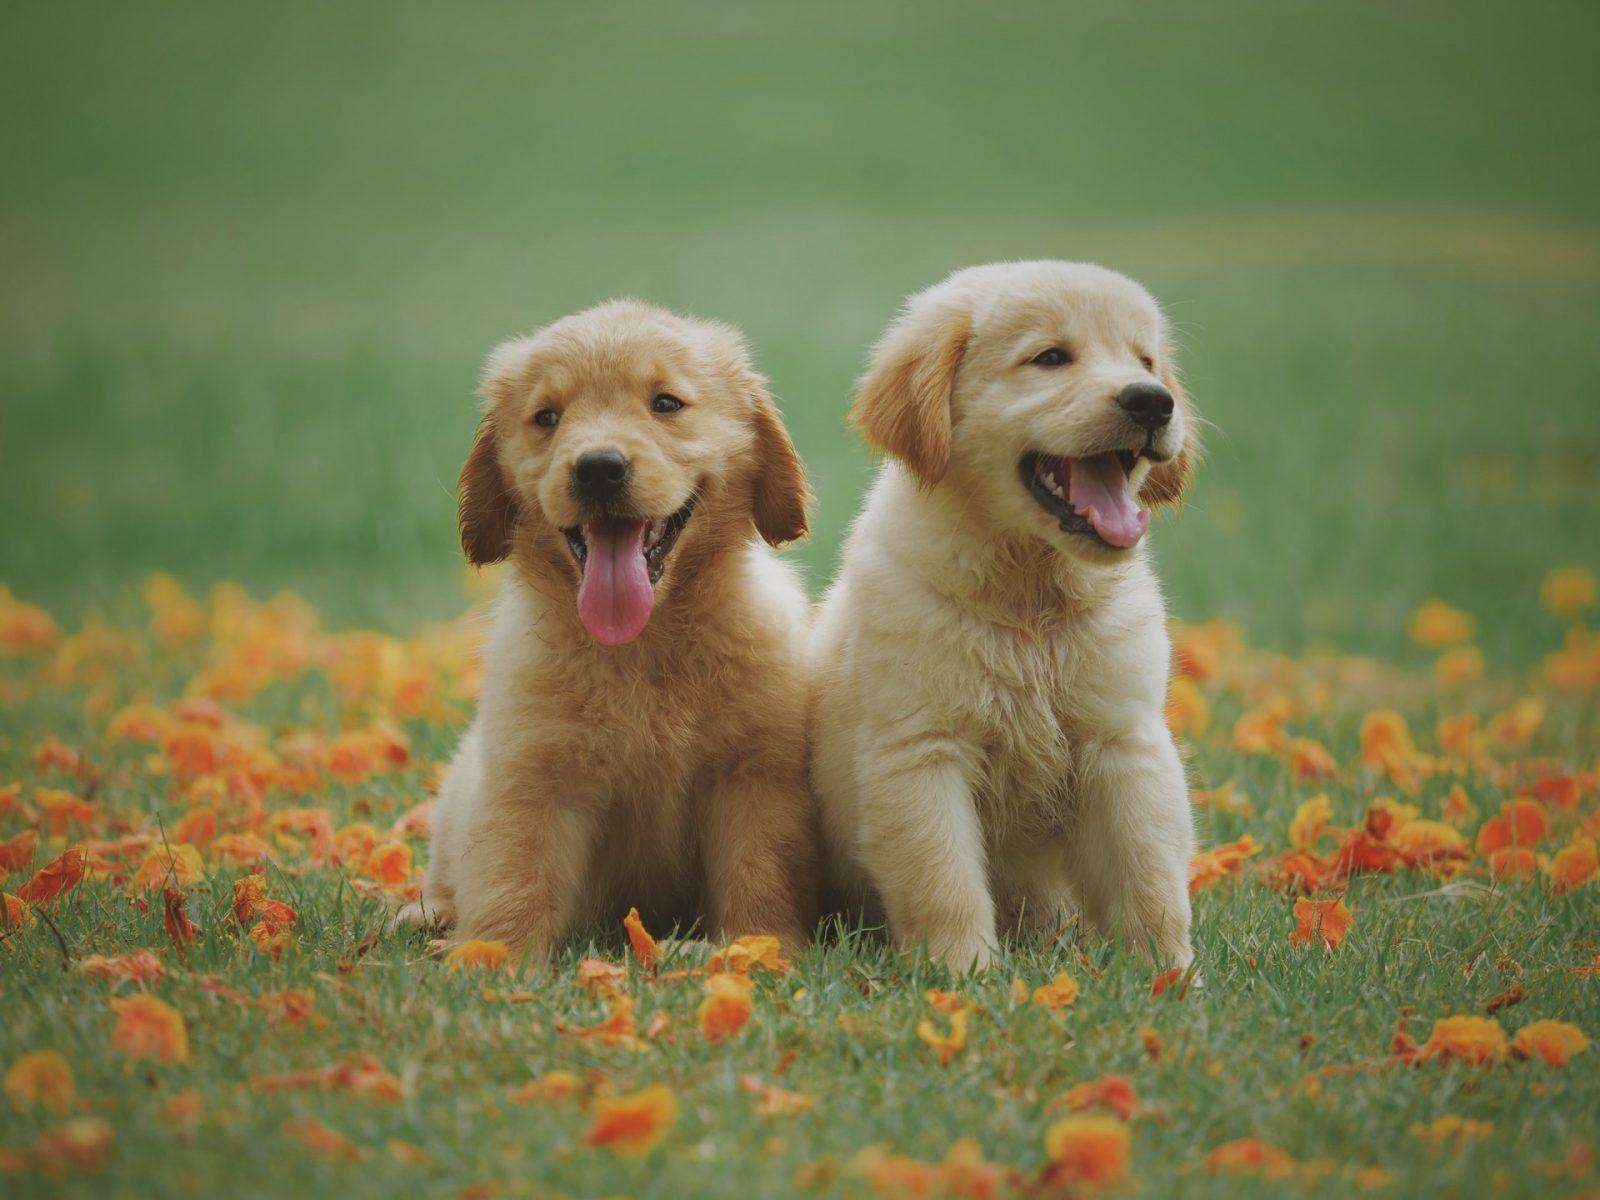 Sonhar com filhote de cachorro amarelo indica sentimentos agradáveis.